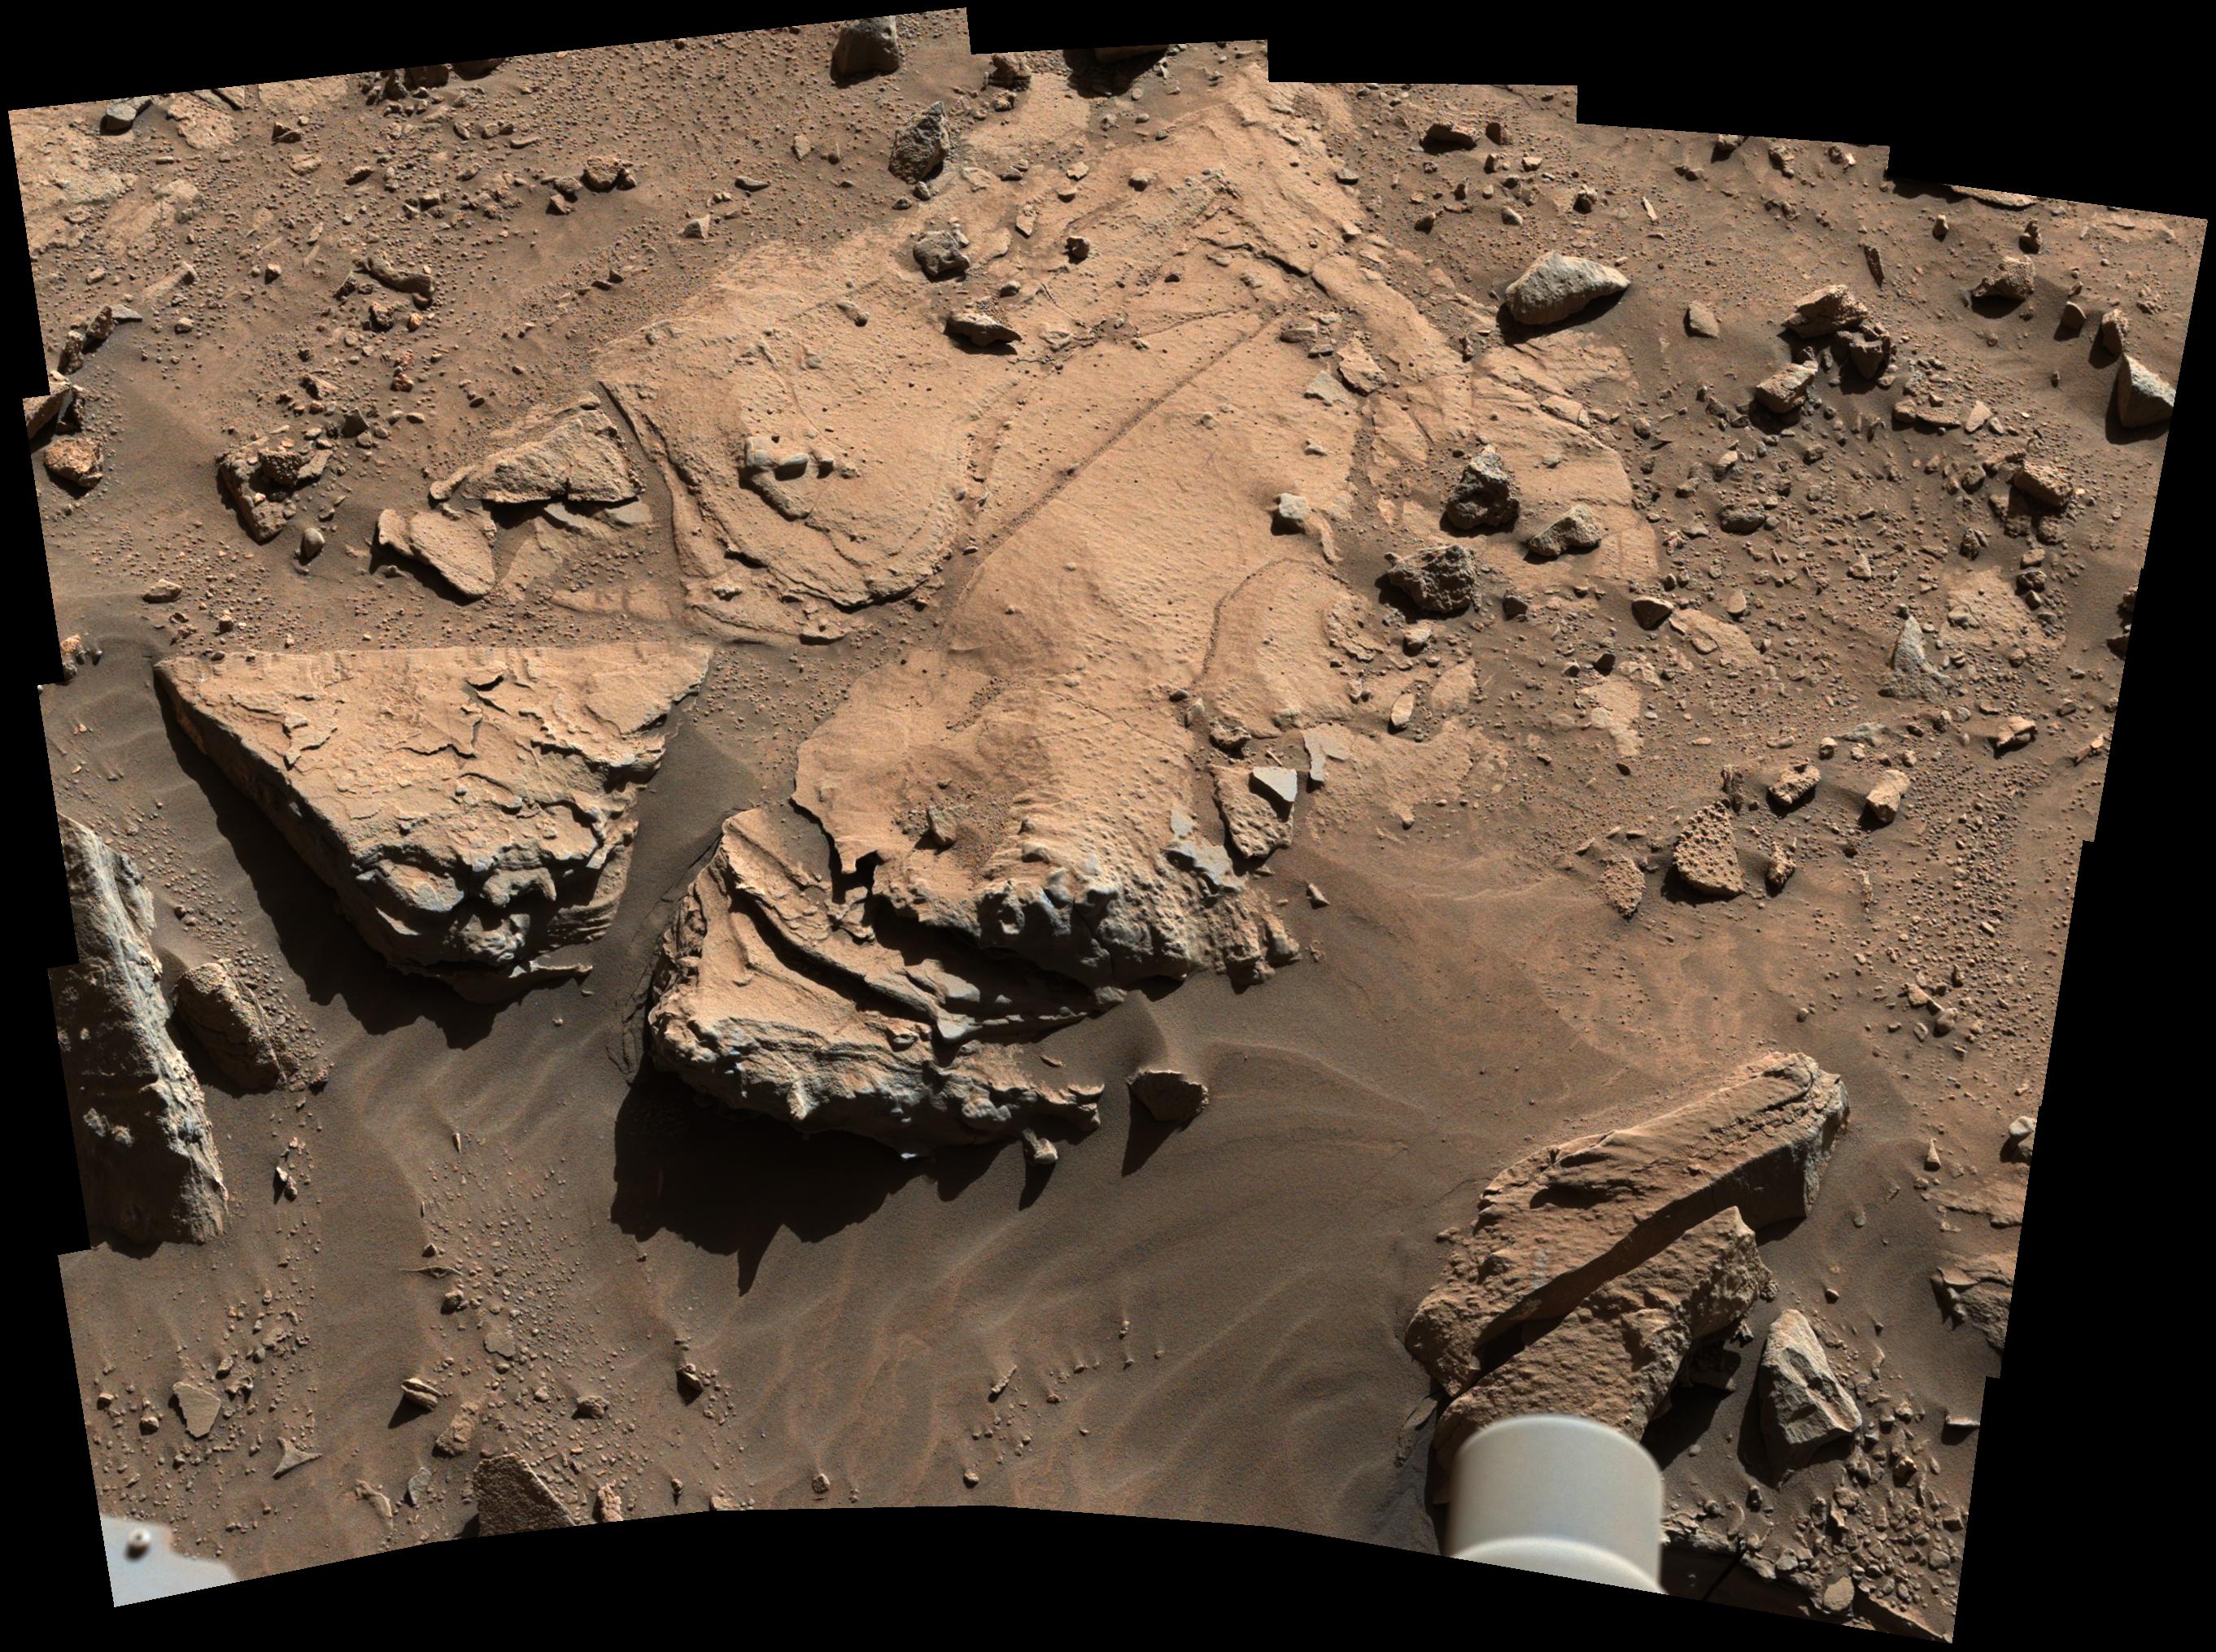 mars curiosity news - photo #27